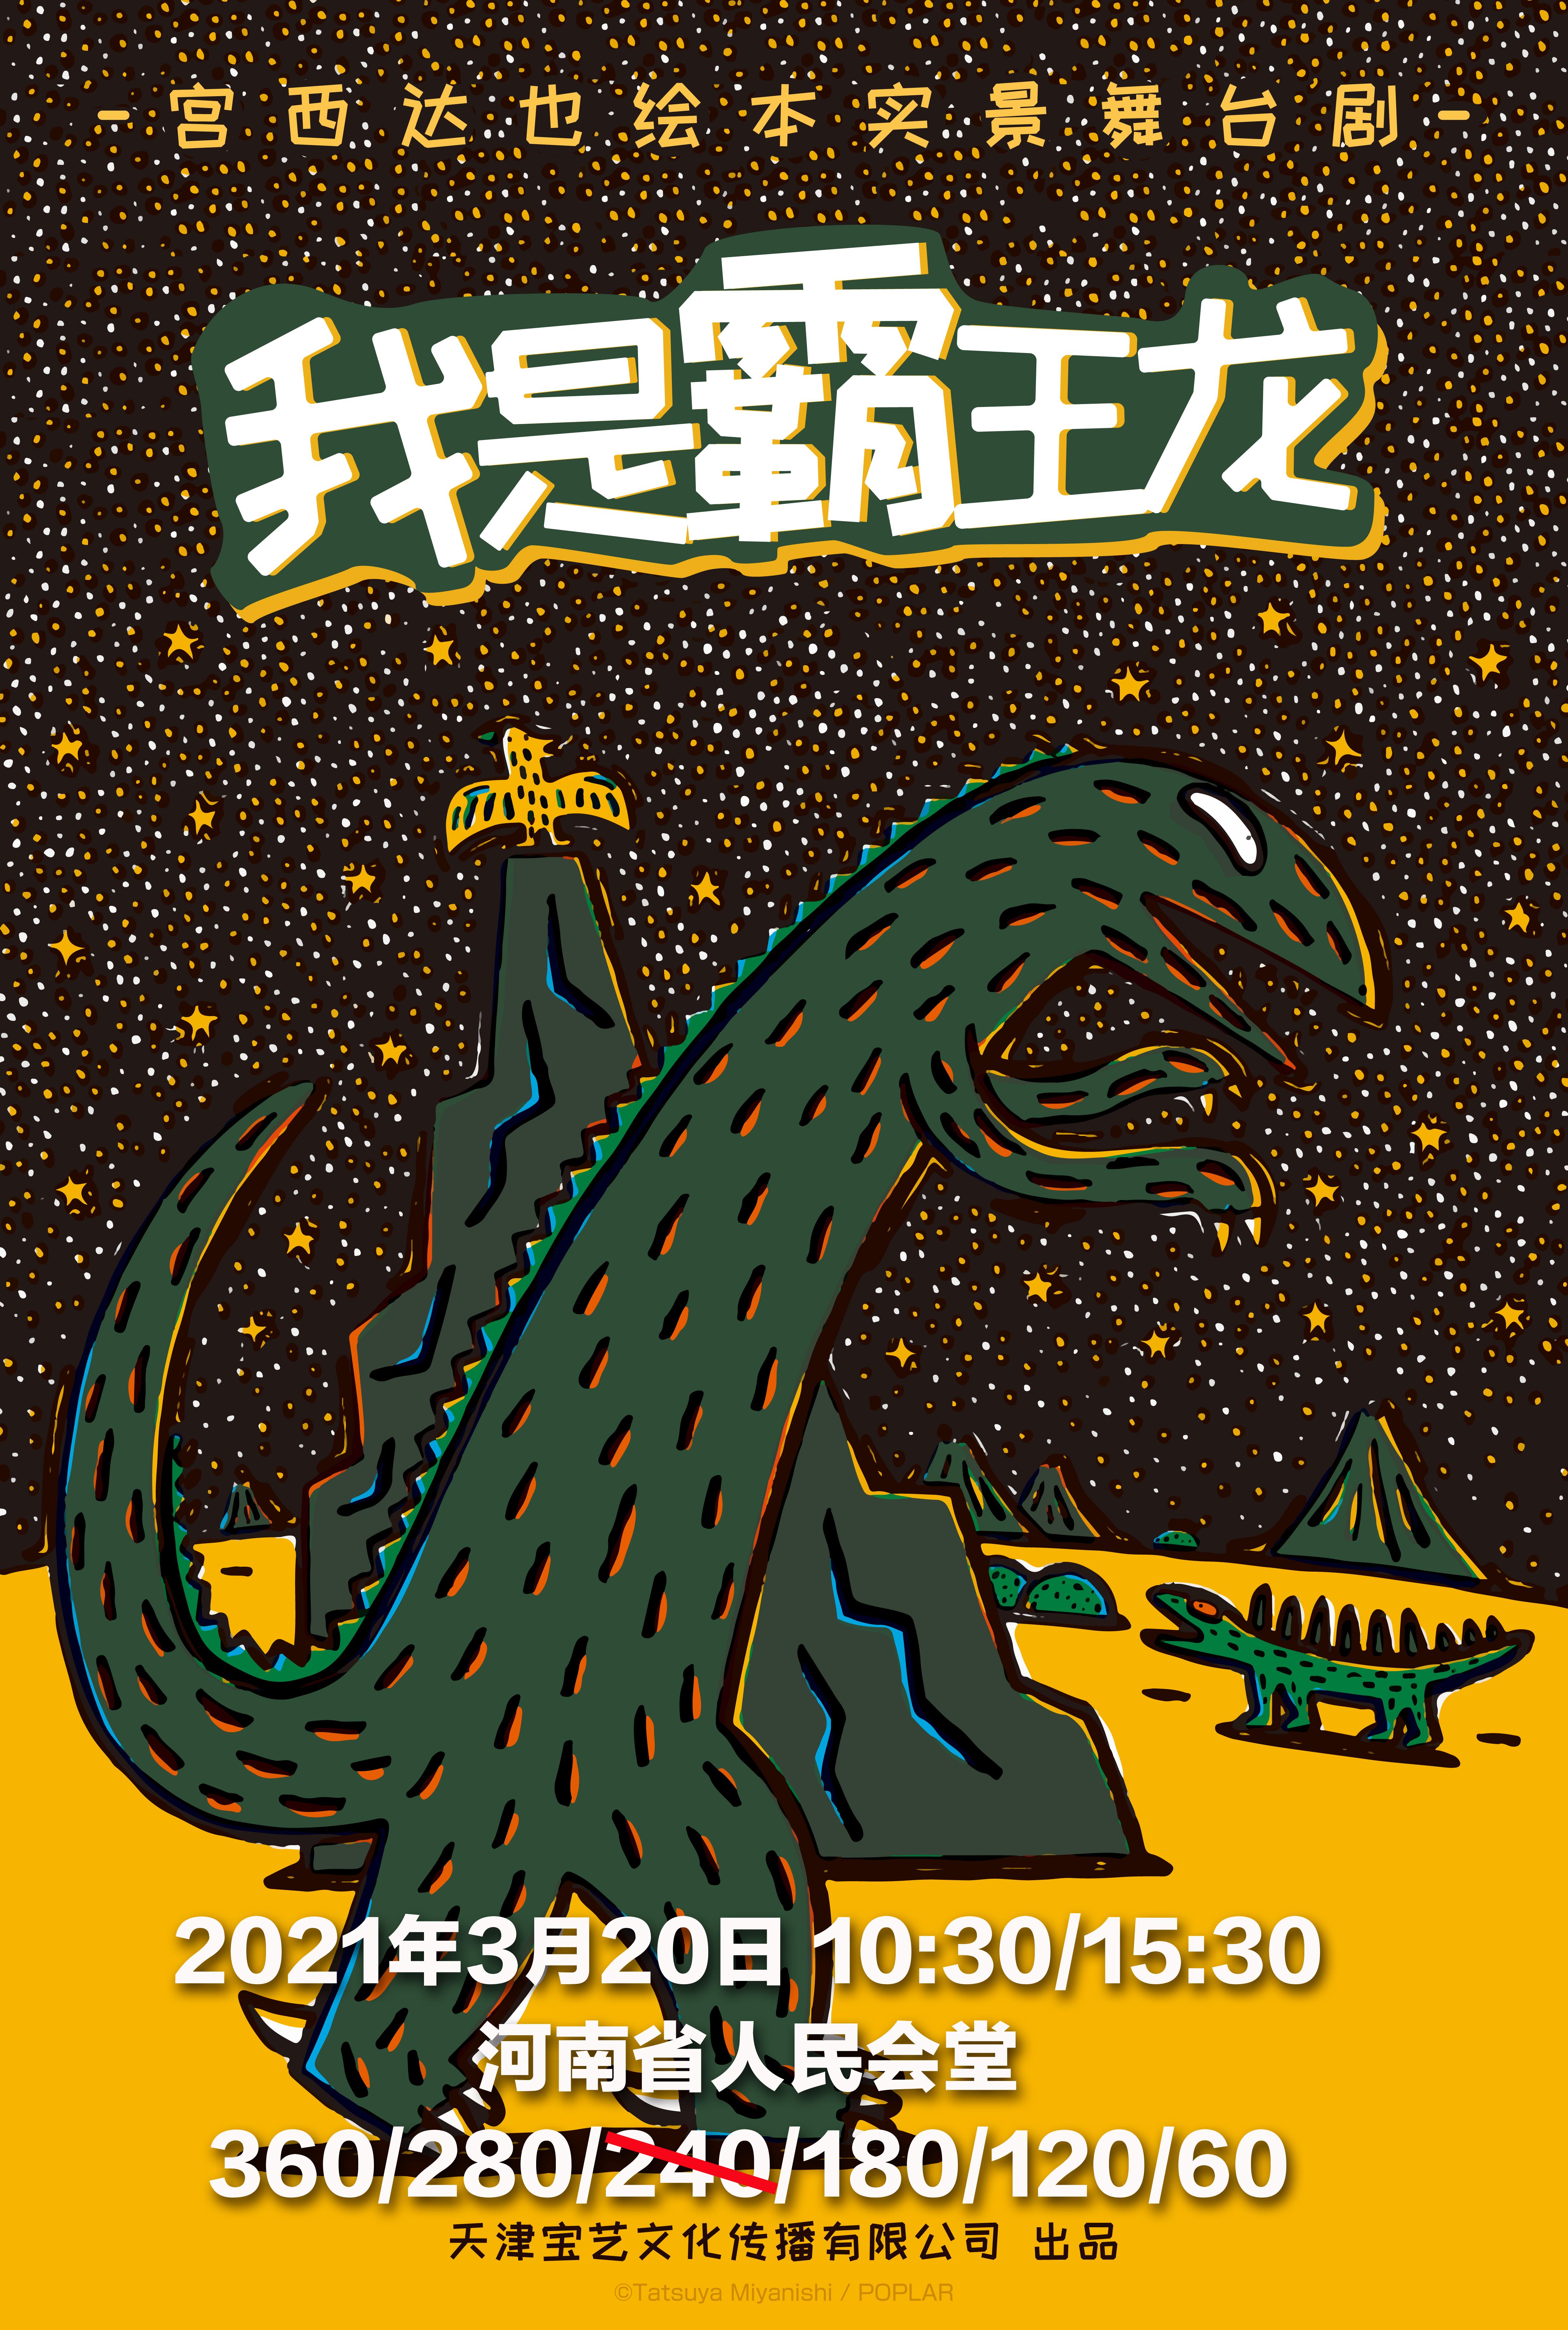 2021宫西达也绘本《我是霸王龙》实景舞台剧-郑州站